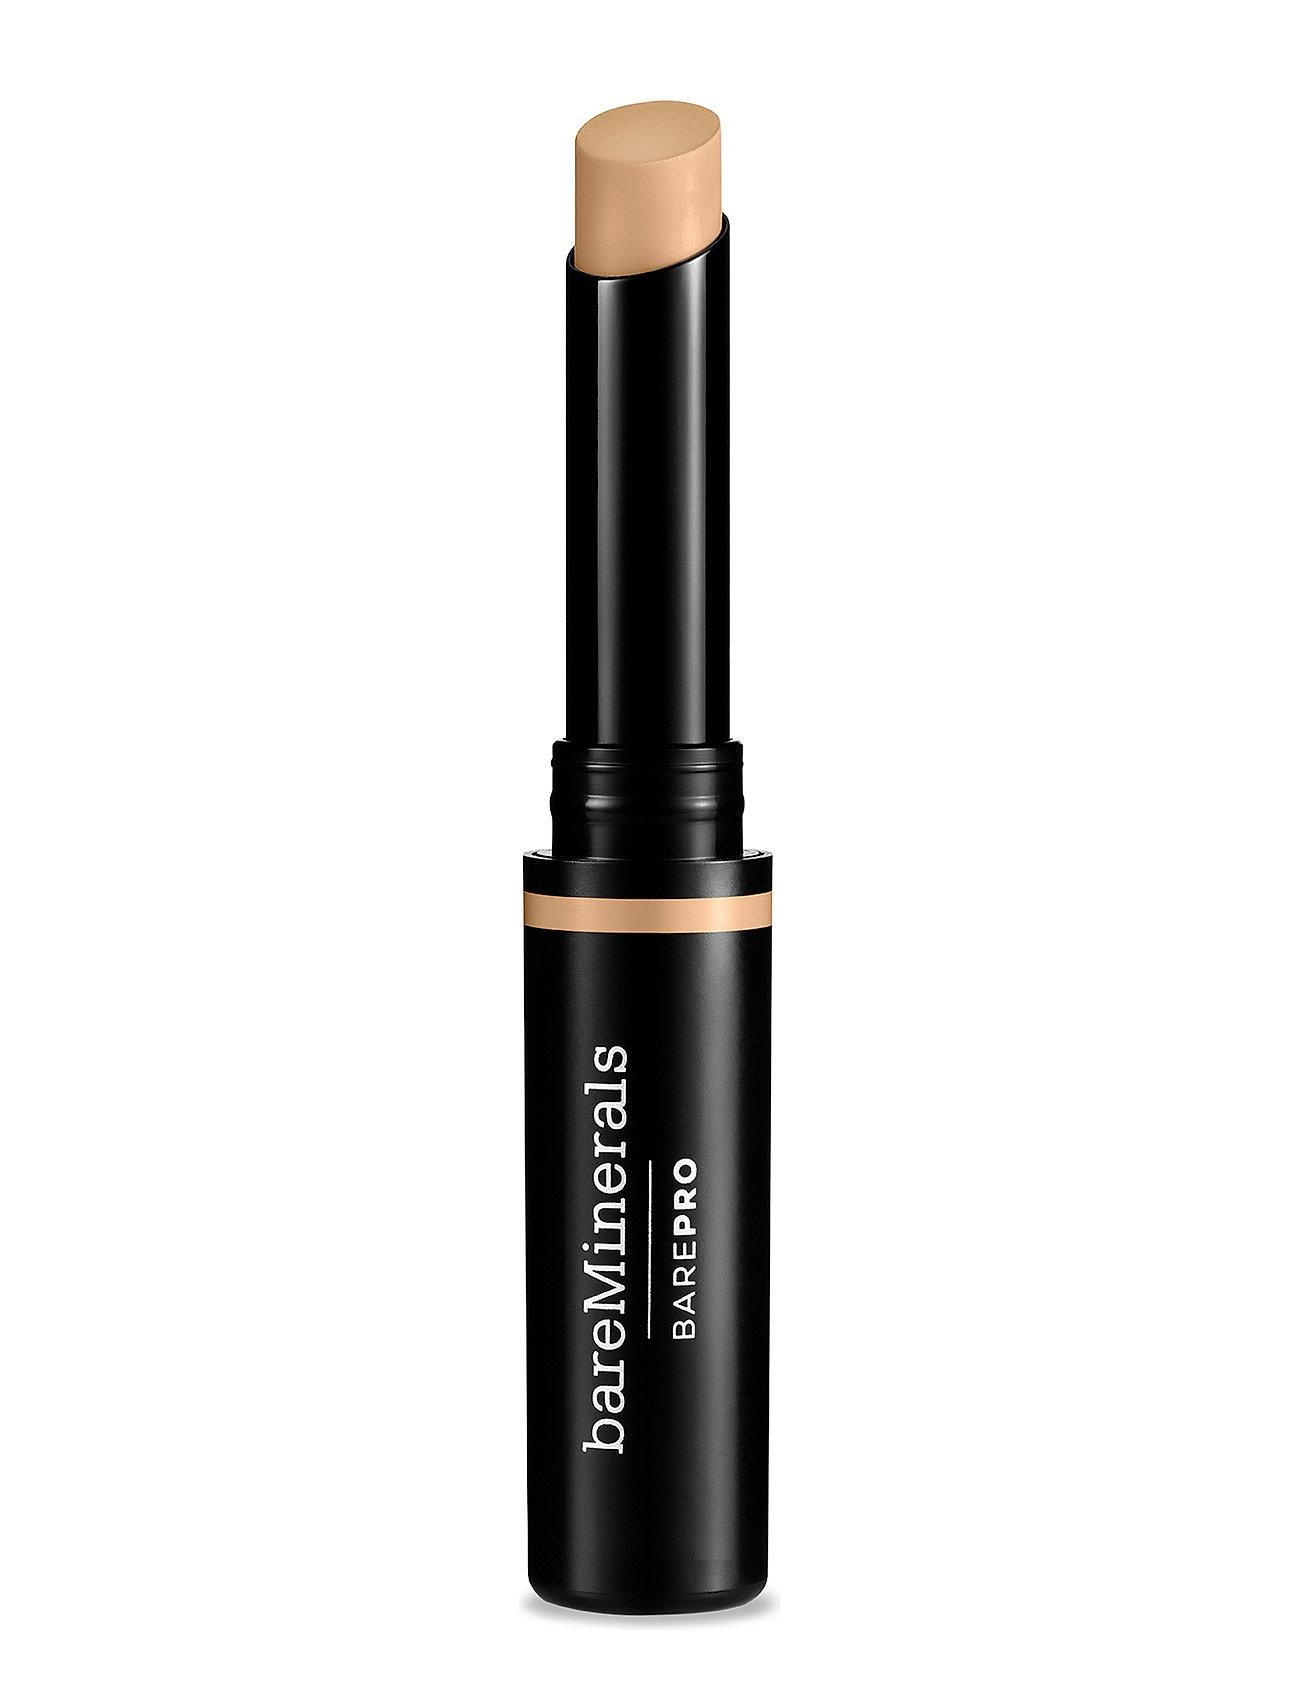 Image of Barepro 16-Hour Full Coverage Concealer Concealer Makeup BareMinerals (3400843573)